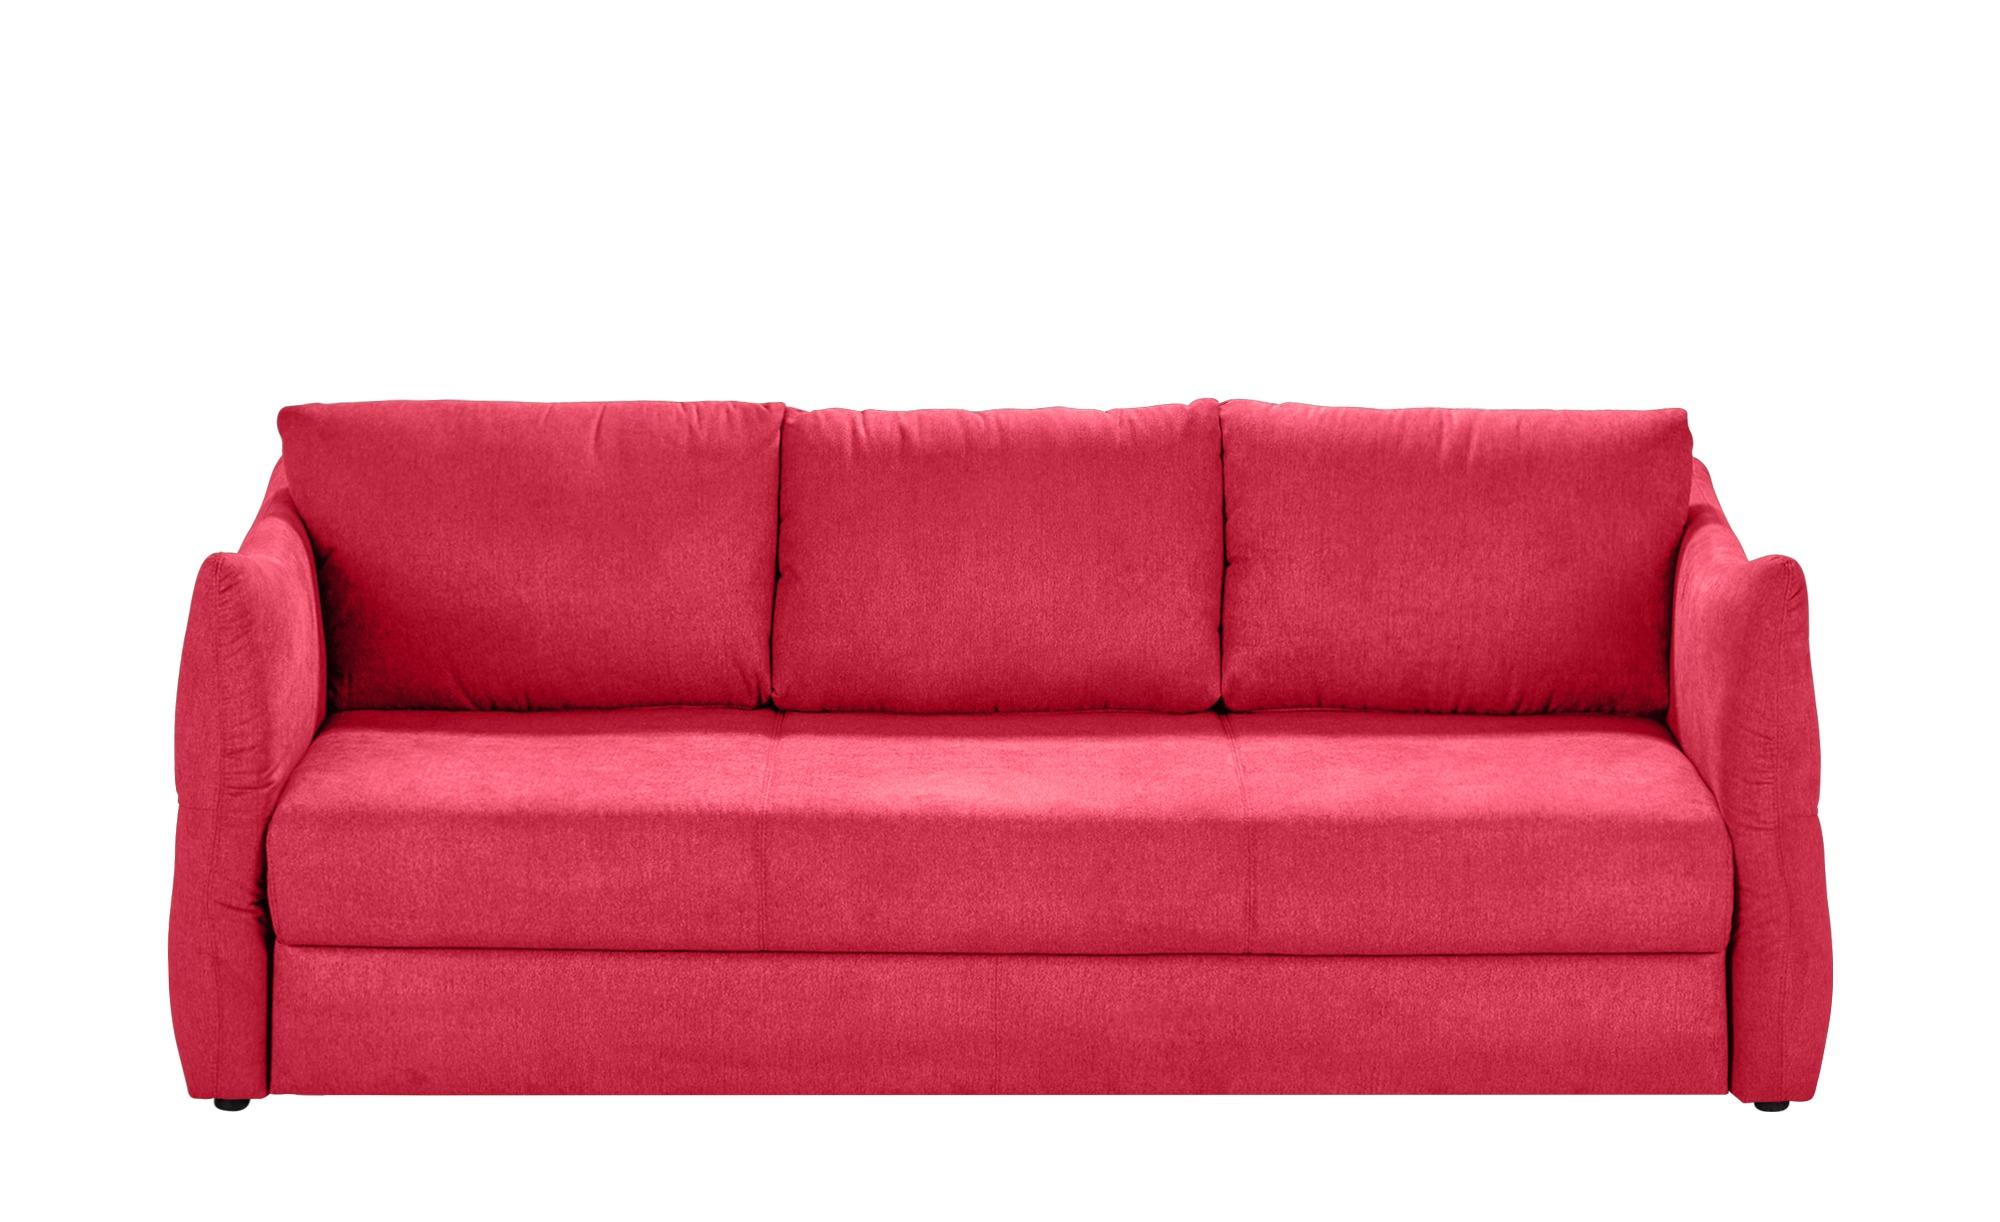 smart Sofa 3-sitzig rot - Webstoff Franziska ¦ rot ¦ Maße (cm): B: 226 H: 100 T: 87 Polstermöbel > Sofas > 3-Sitzer - Höffner